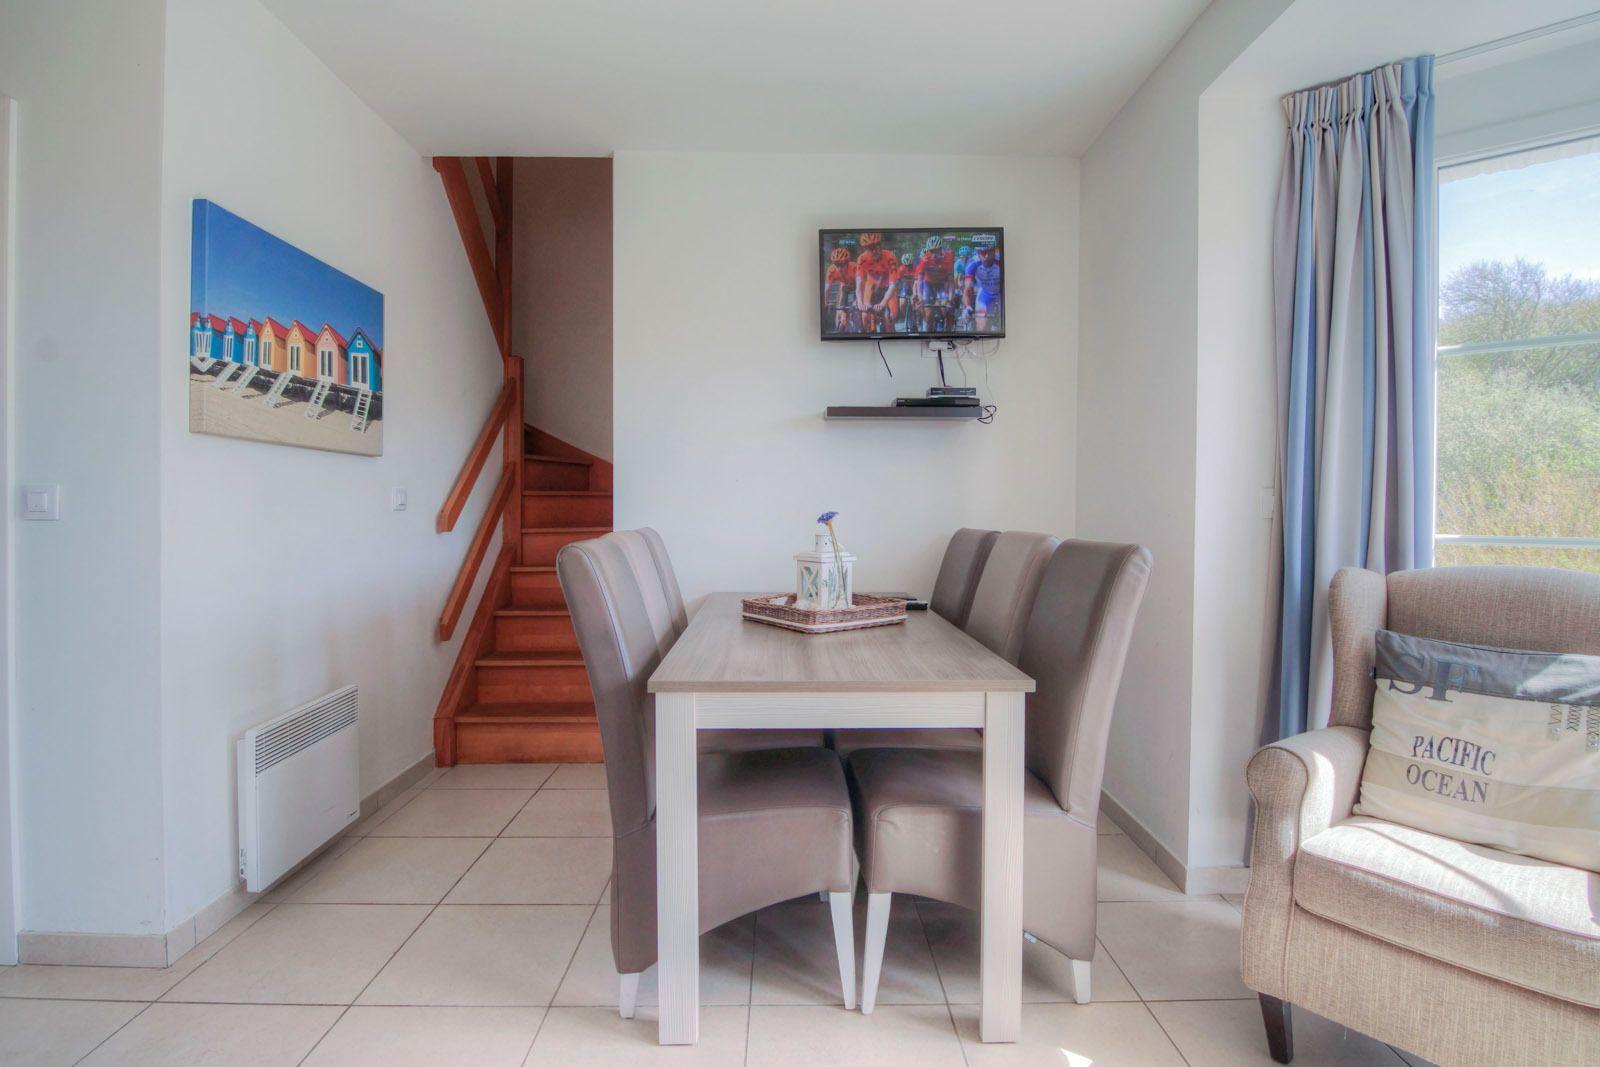 Villa pour 6 personnes avec vue latérale sur la mer